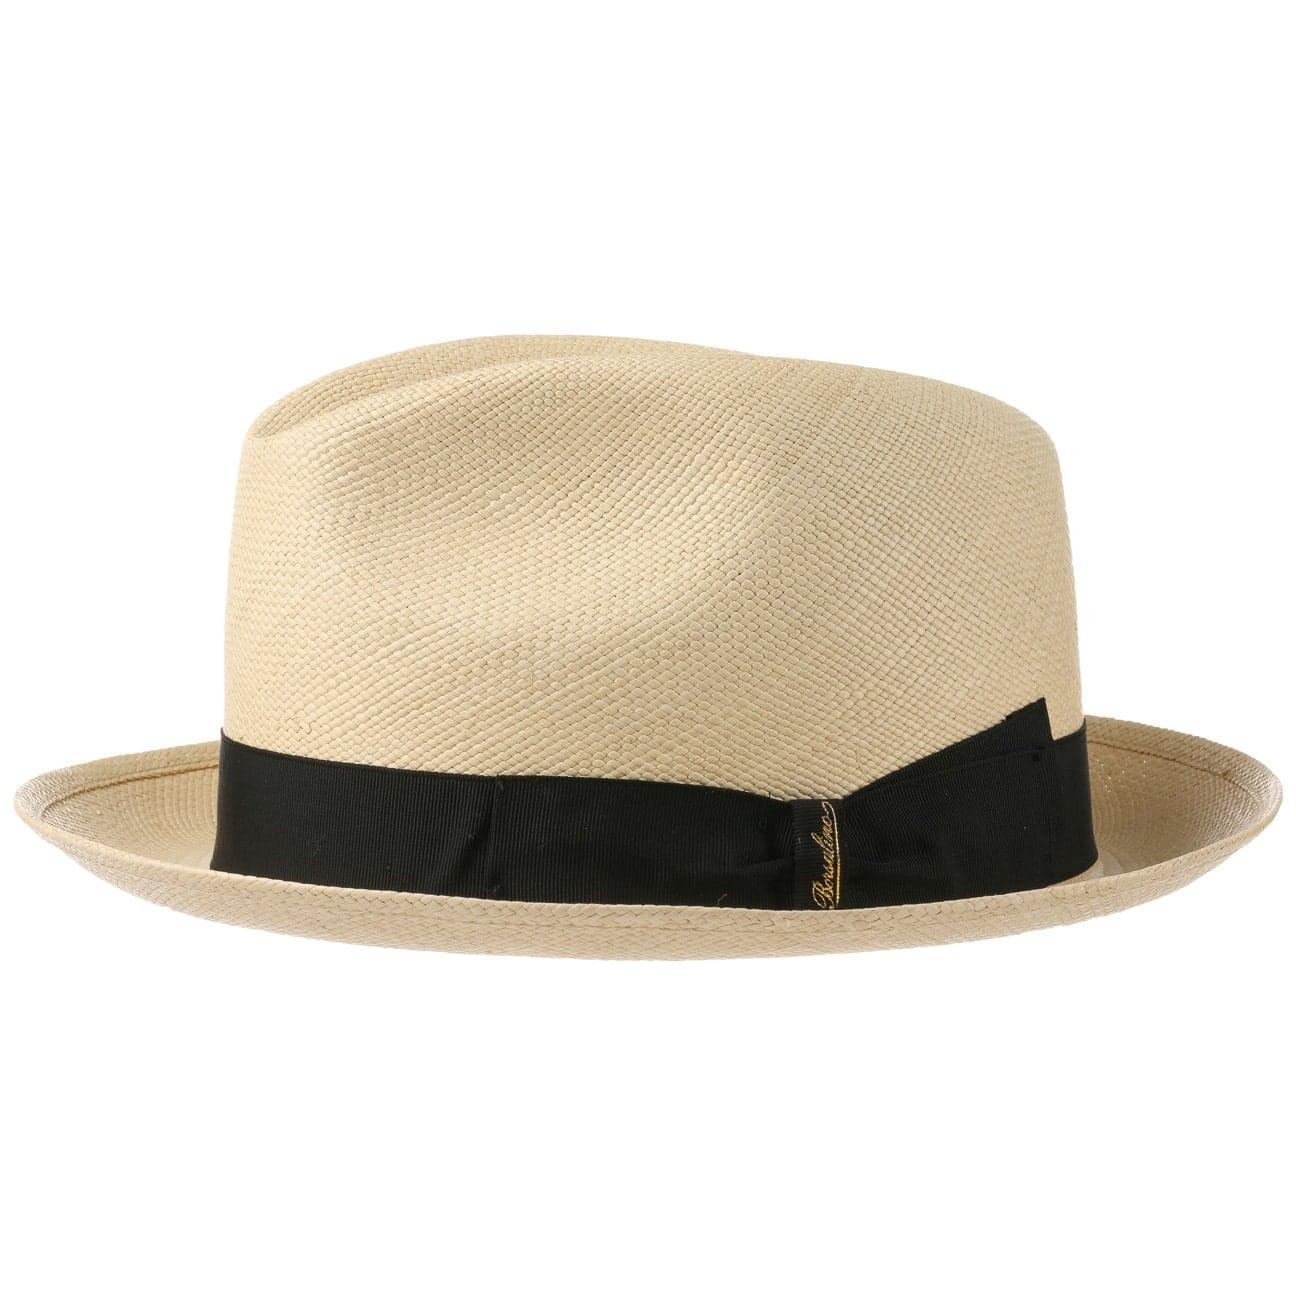 Sombrero Panamá Player by Borsalino - Sombreros - sombreroshop.es f24075cbfd5